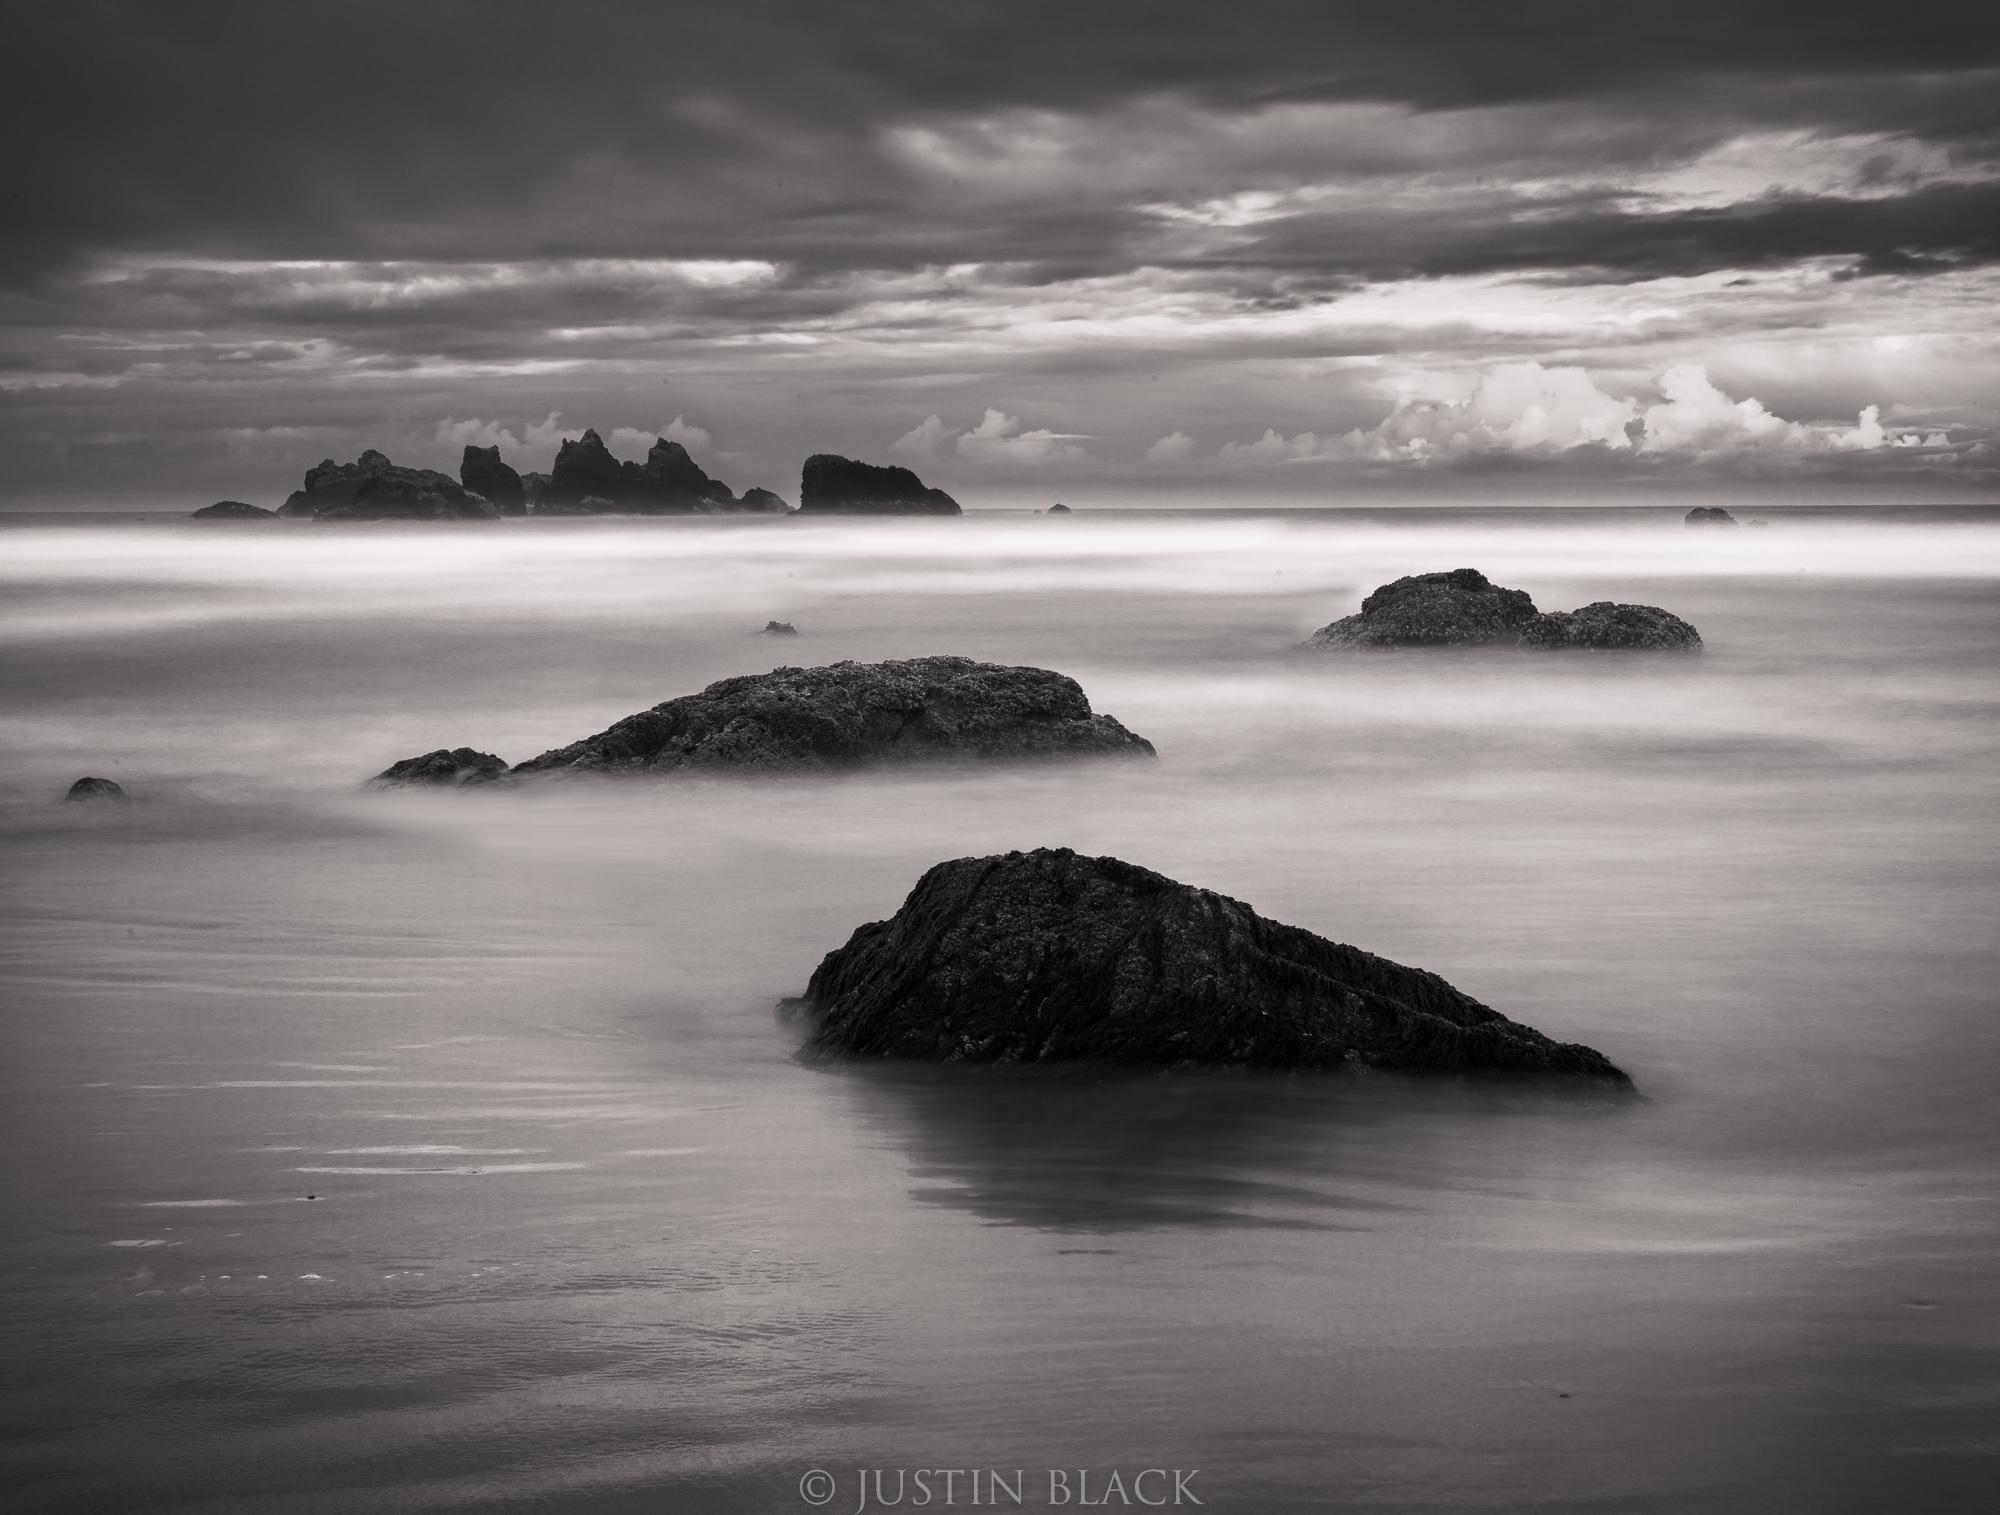 oregon coast photography 2 image